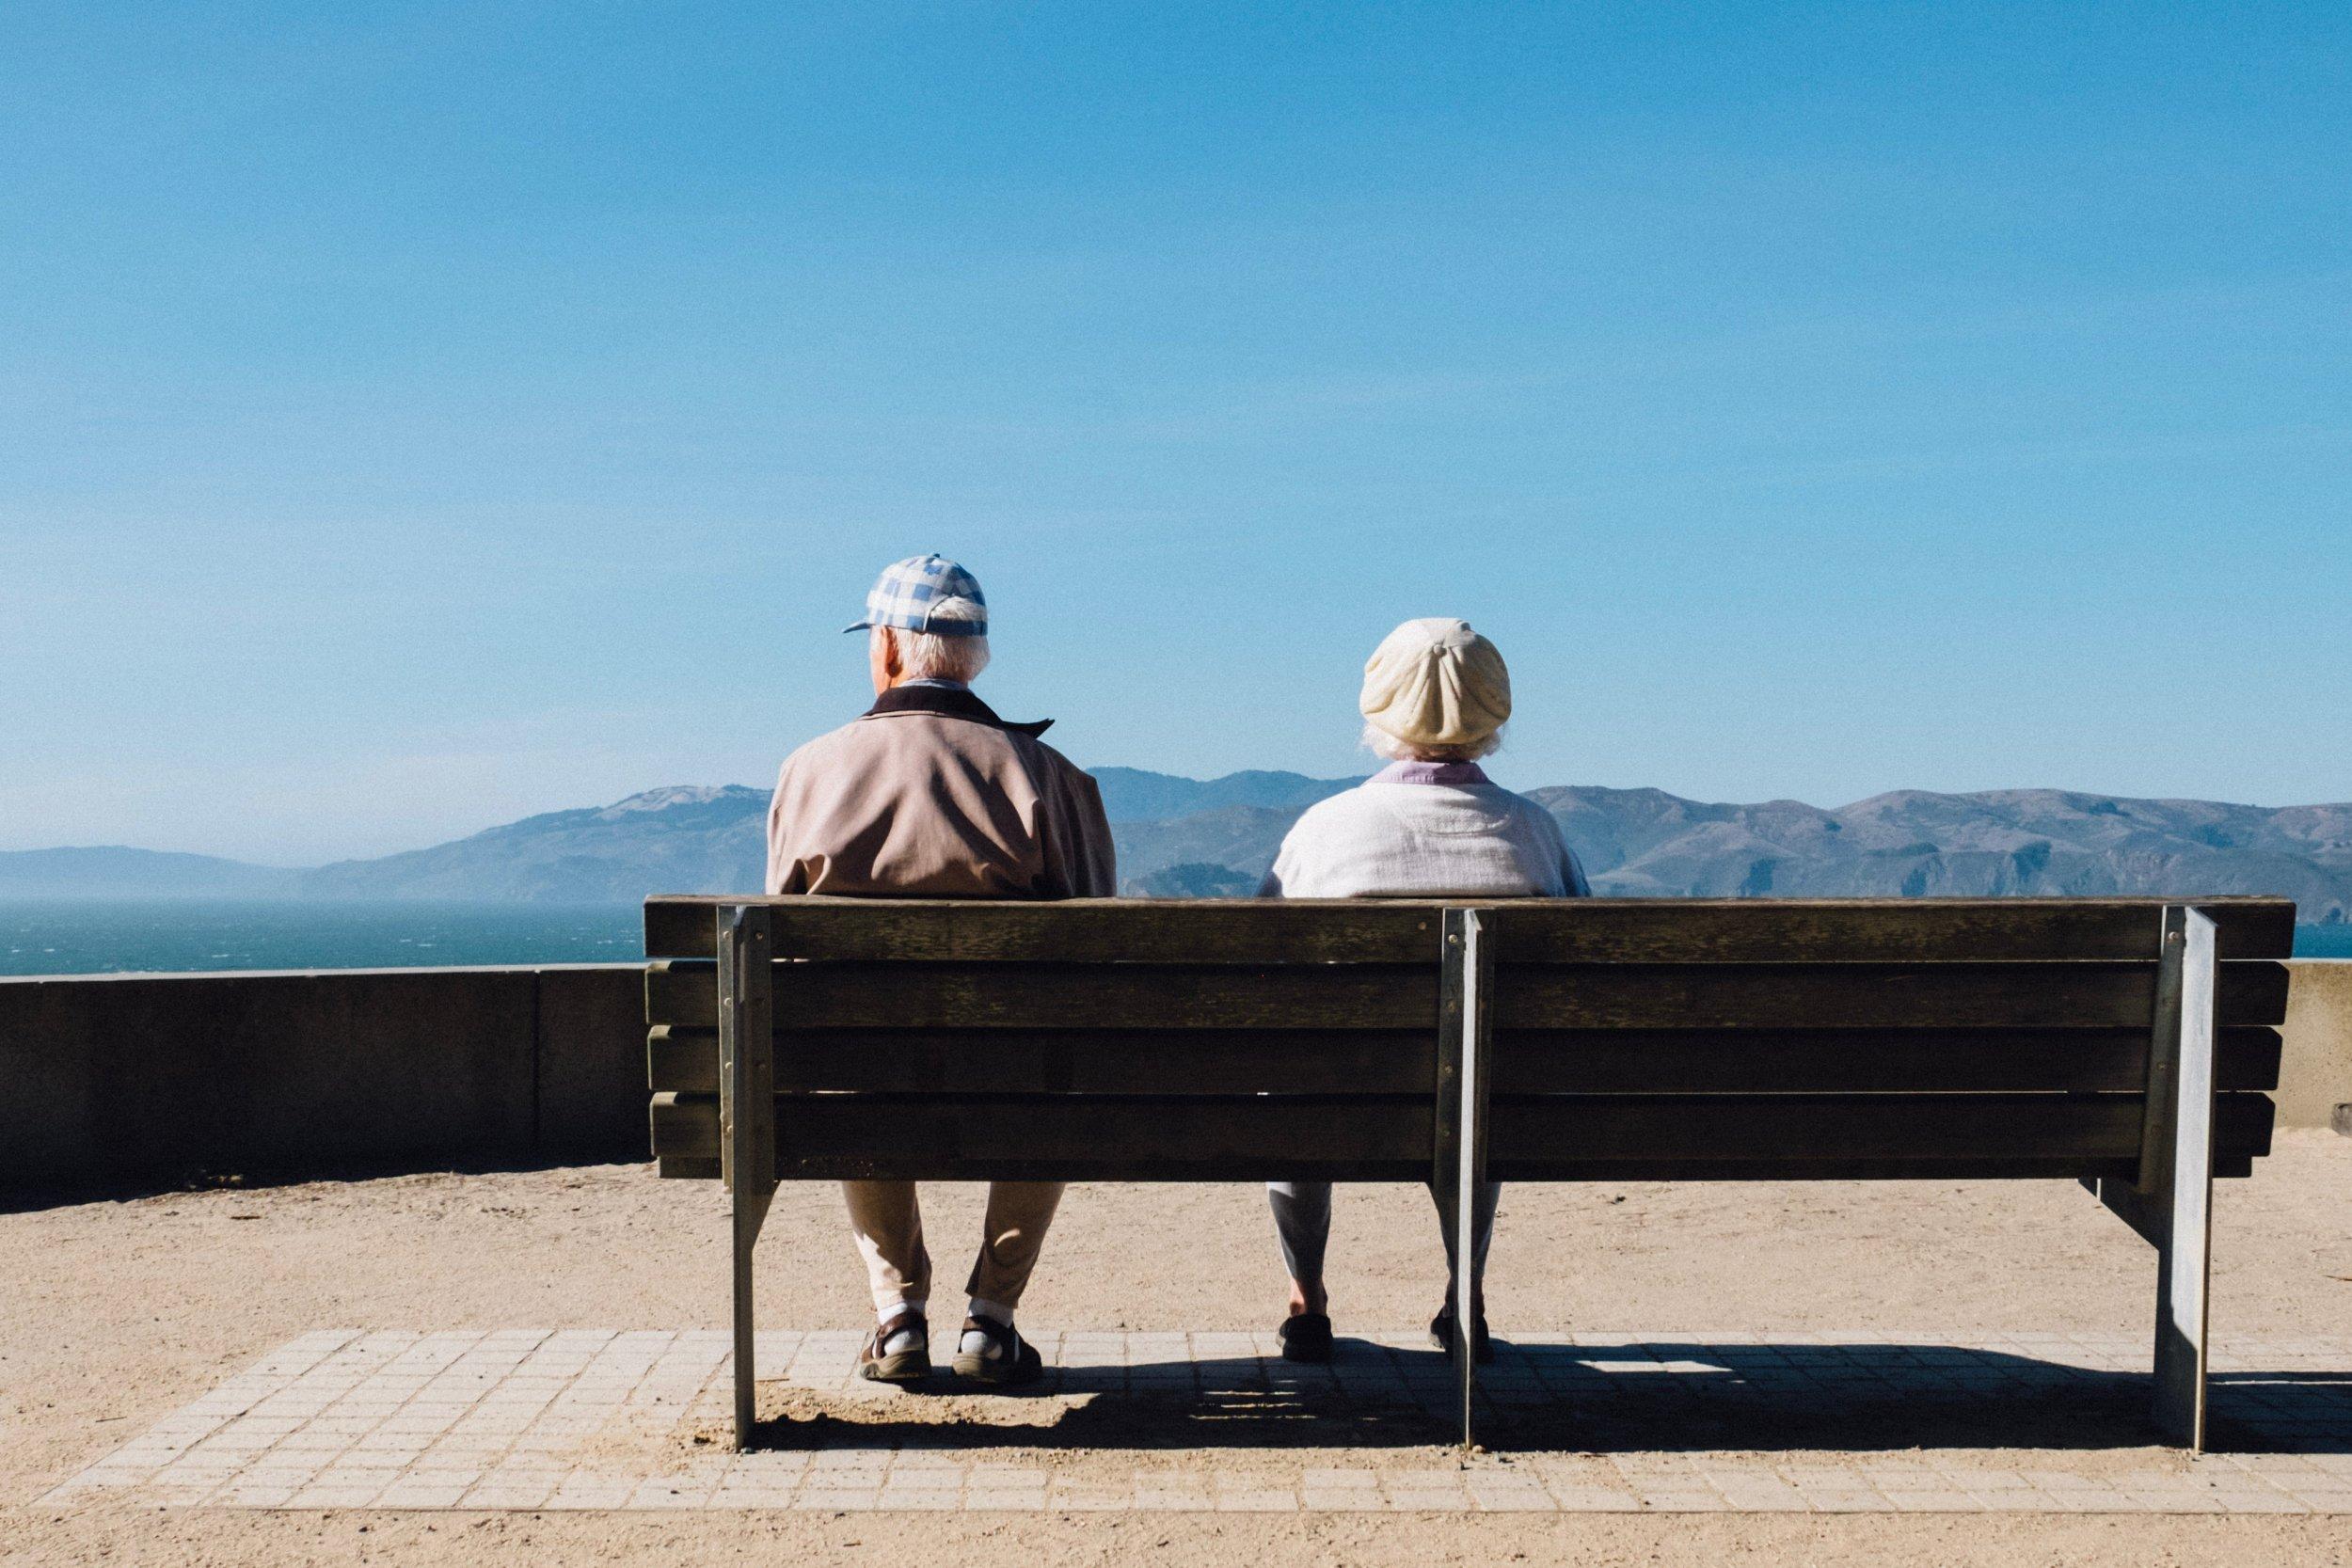 matthew-bennett-old-people-sitting